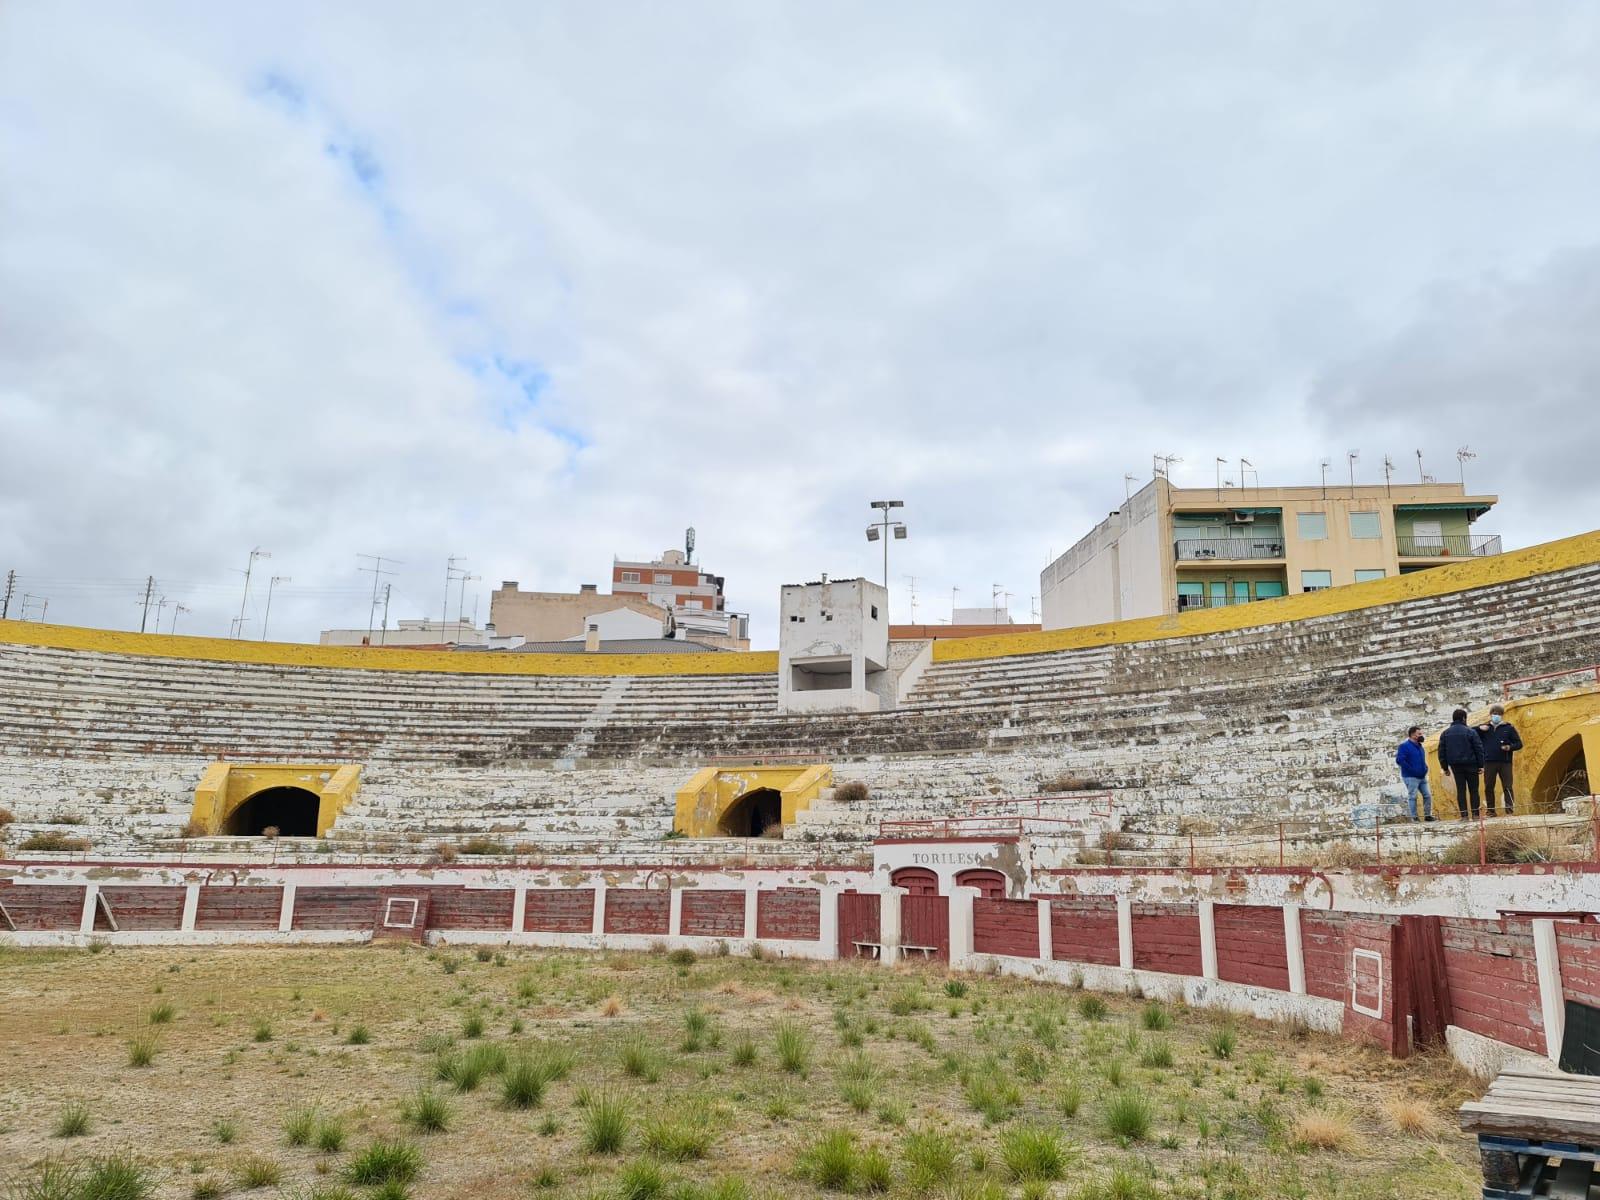 Plaza de Toros Elda 2021